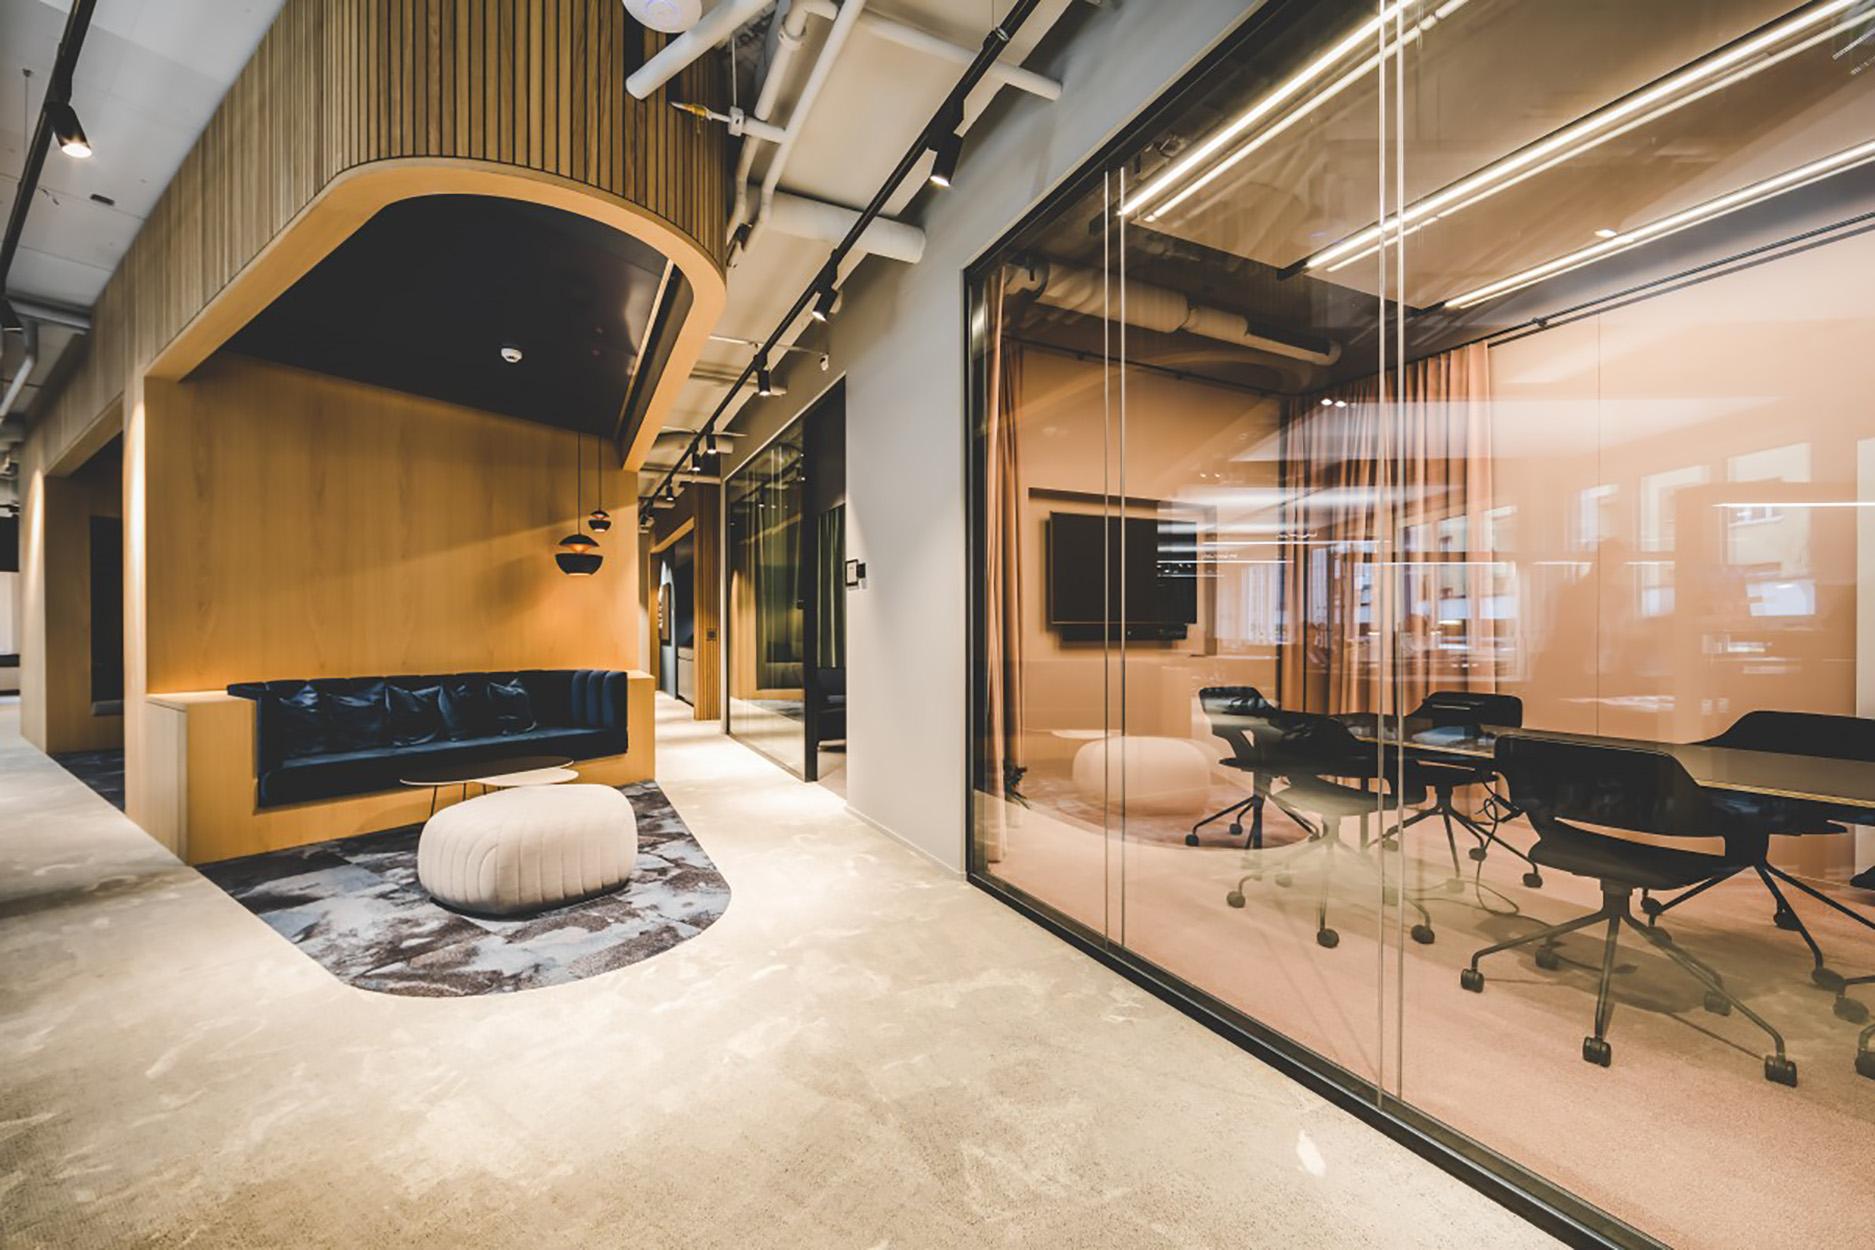 Meetingraum und Lounge im Coworking Lounge Tessinerplatz, Bahnhof Enge, Arbeitsplatz mieten